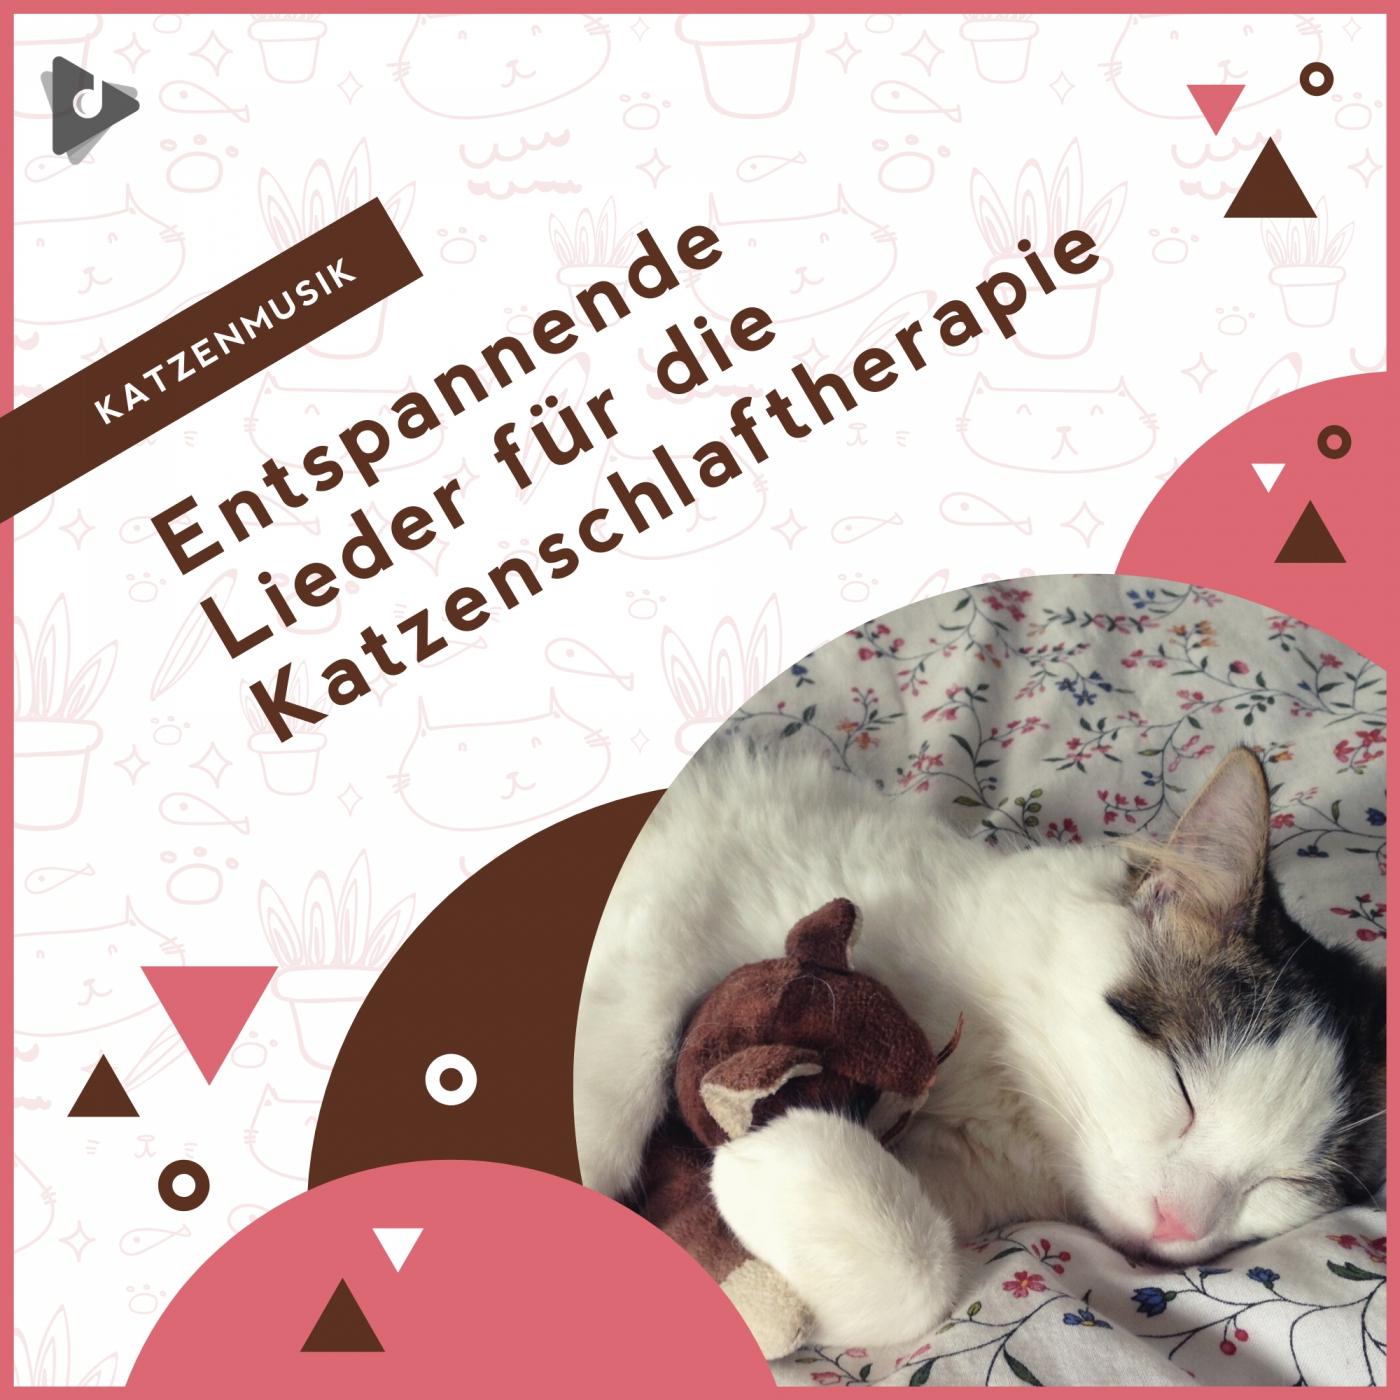 Entspannende Lieder für die Katzenschlaftherapie